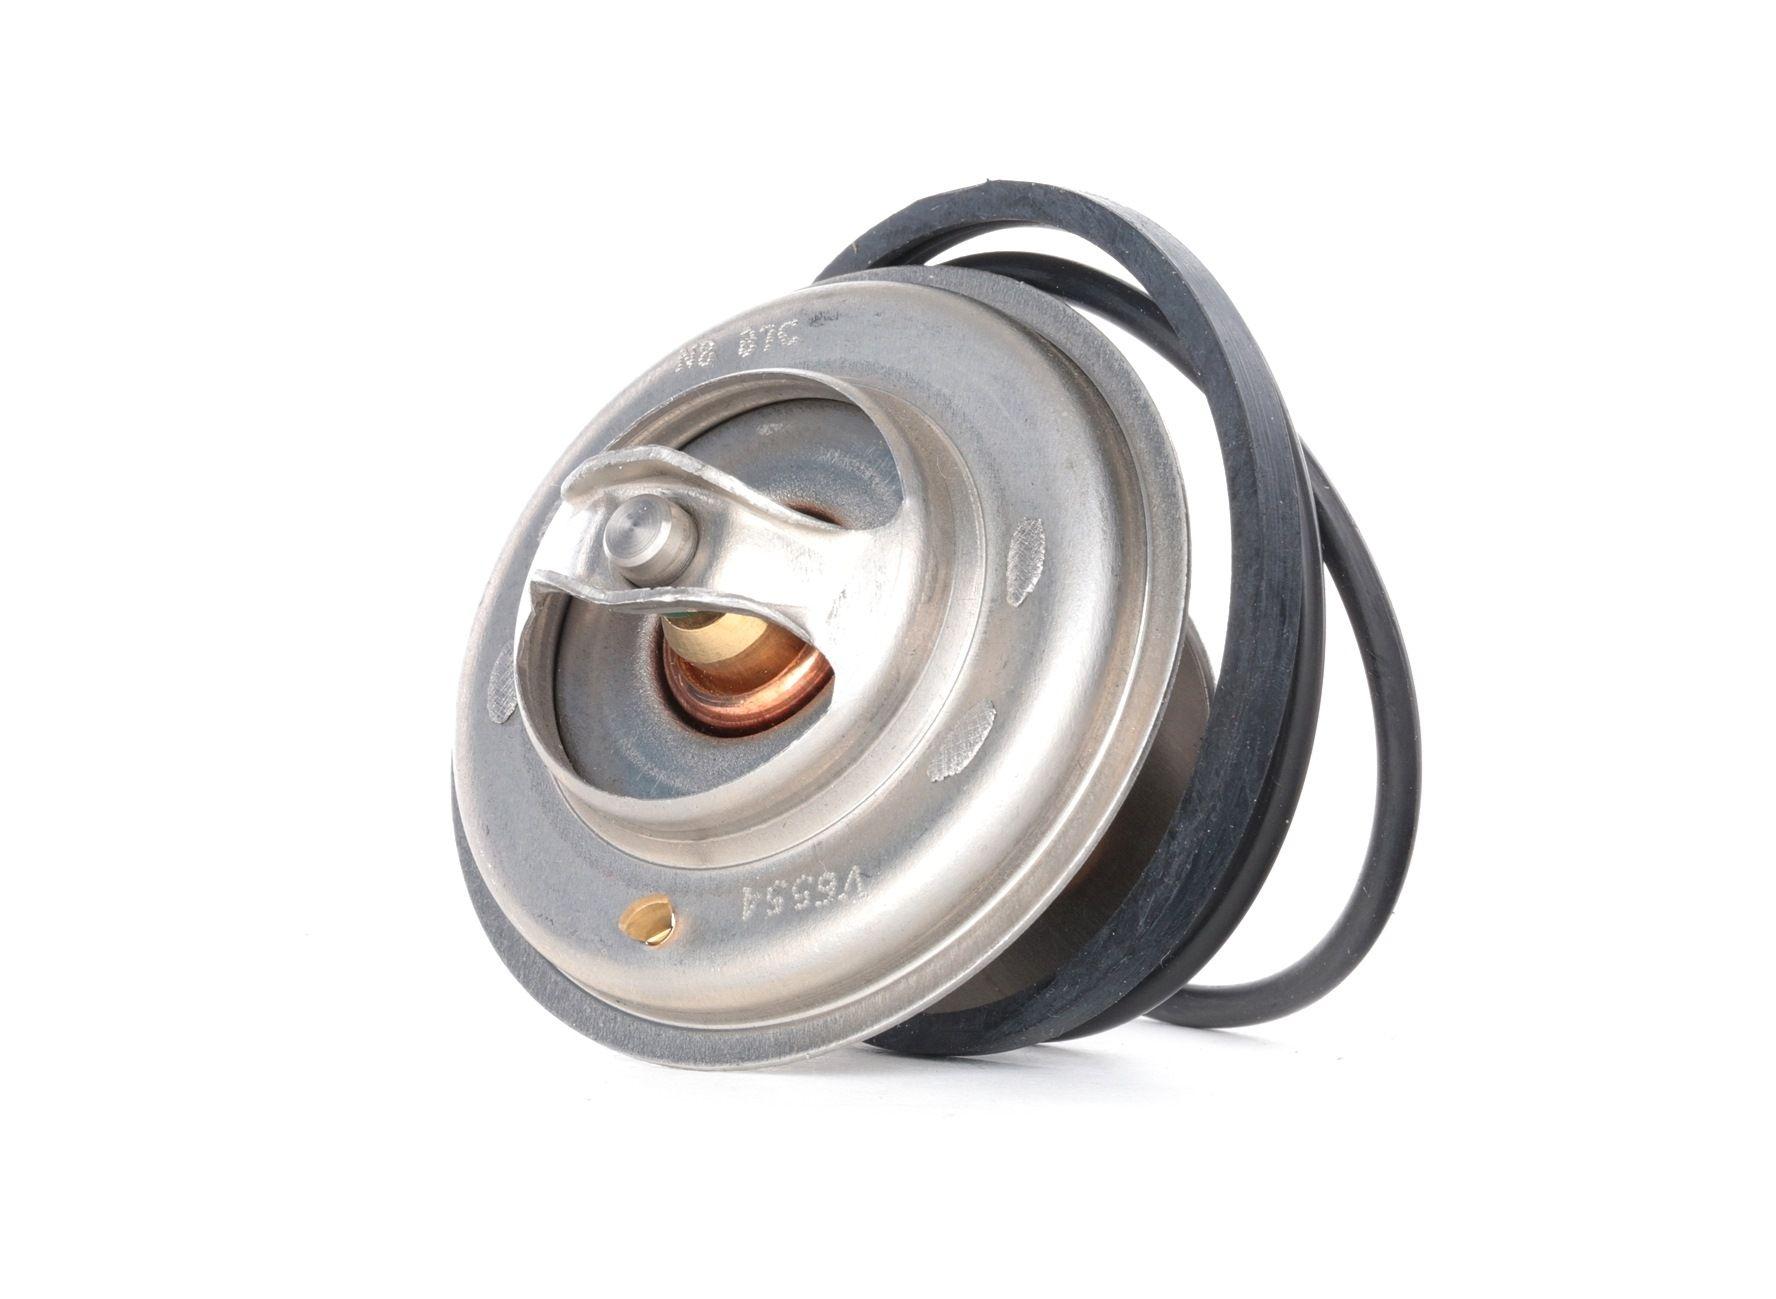 741210102 GATES Öffnungstemperatur: 86°C, ohne Gehäuse Thermostat, Kühlmittel TH05586G1 günstig kaufen